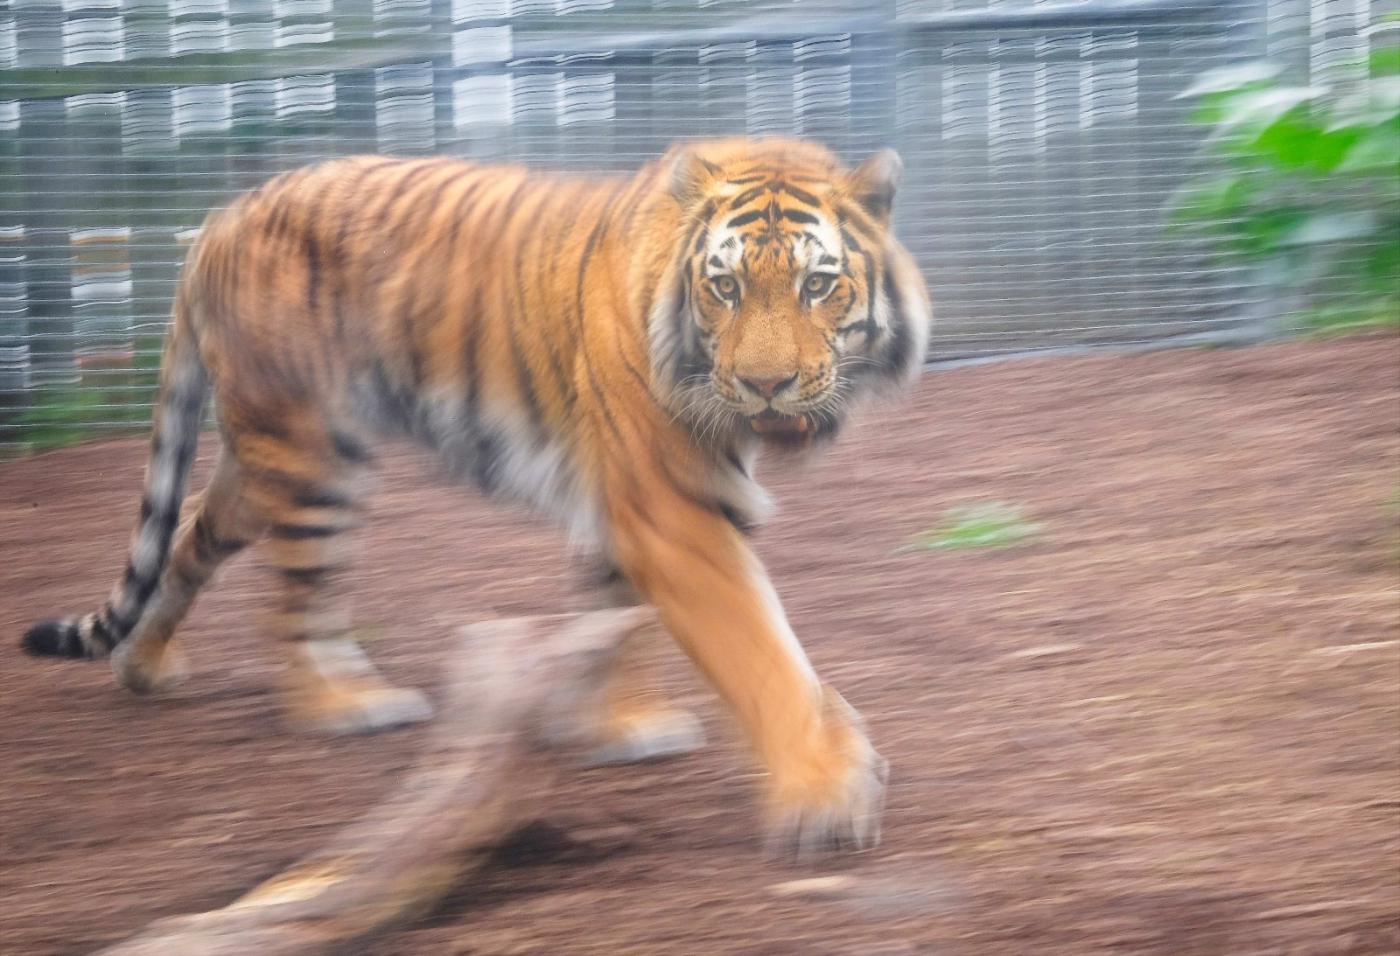 动物园拍虎记【心想事成】_图1-3